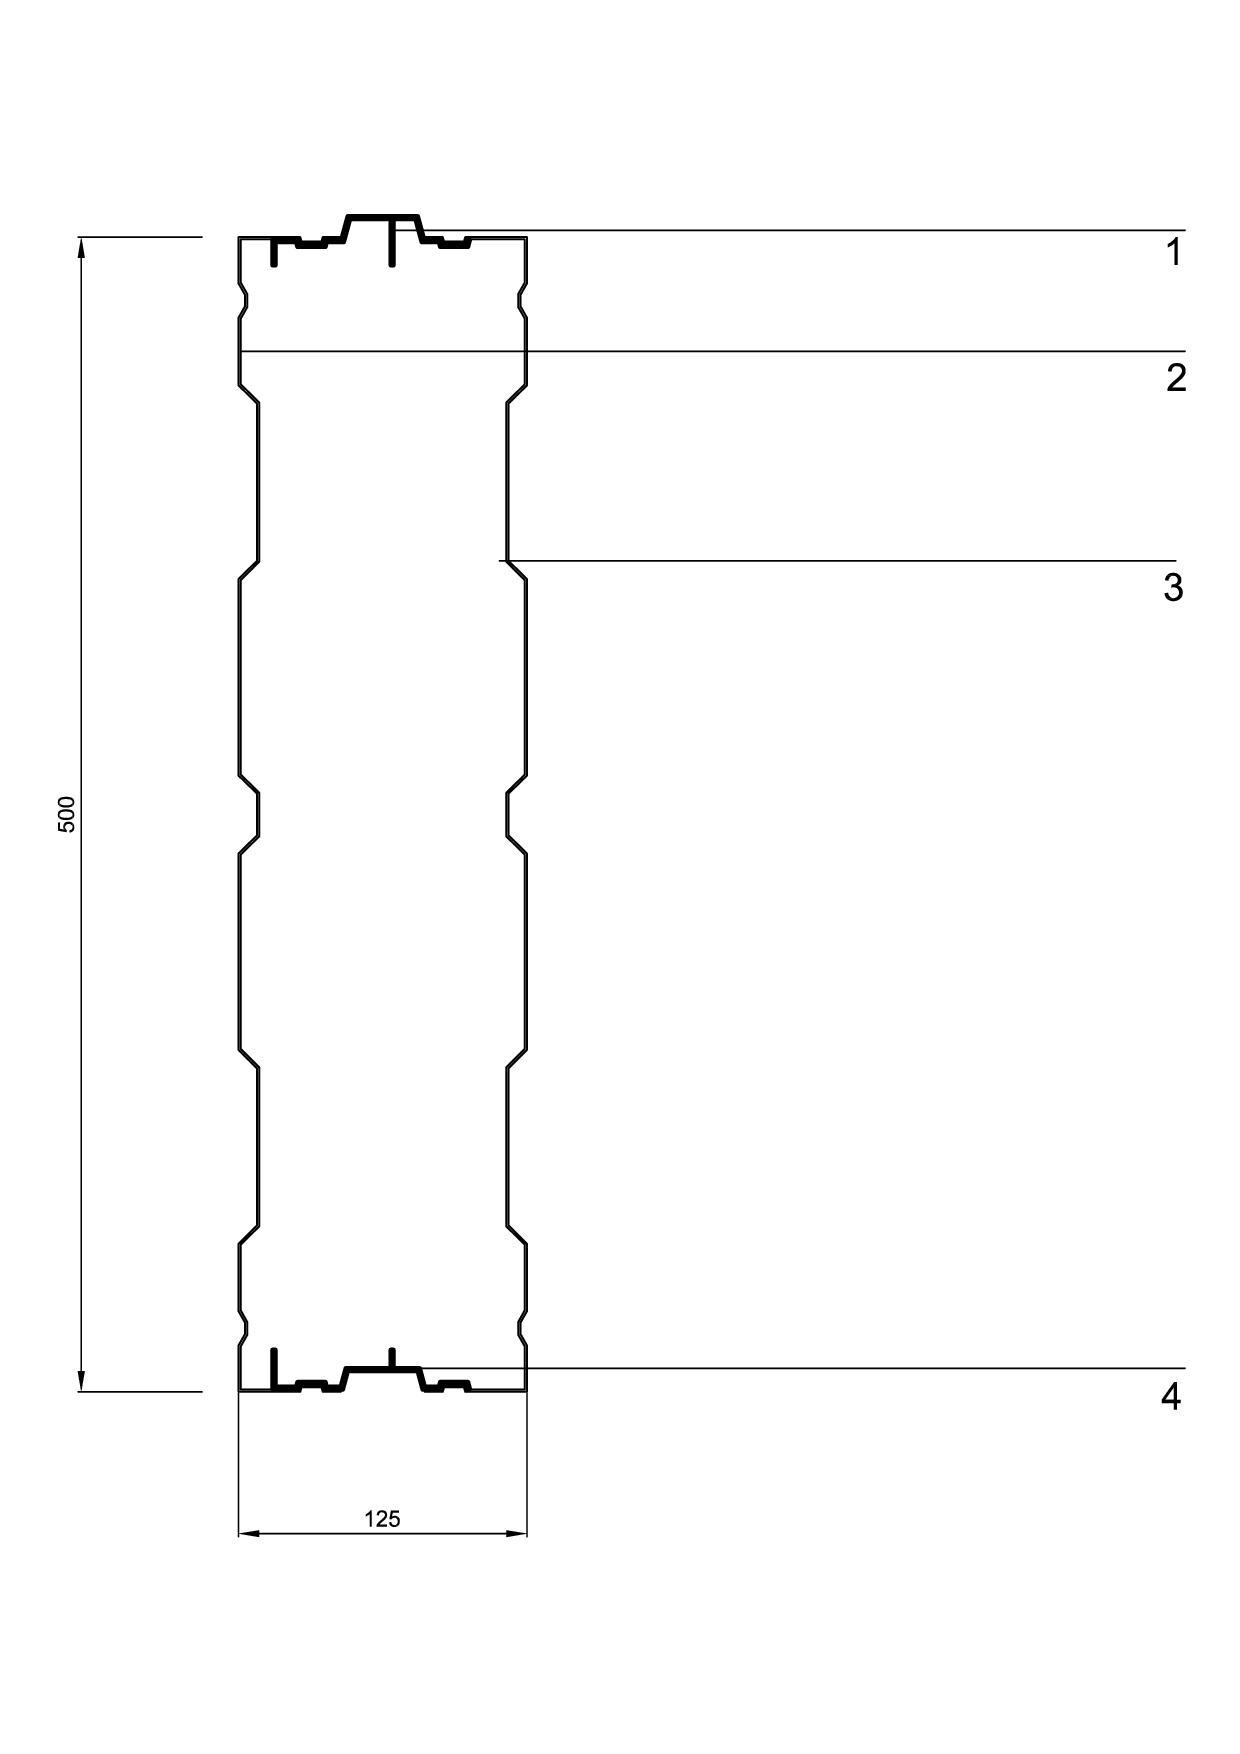 Protihrupni panel AL-3 sestavni deli